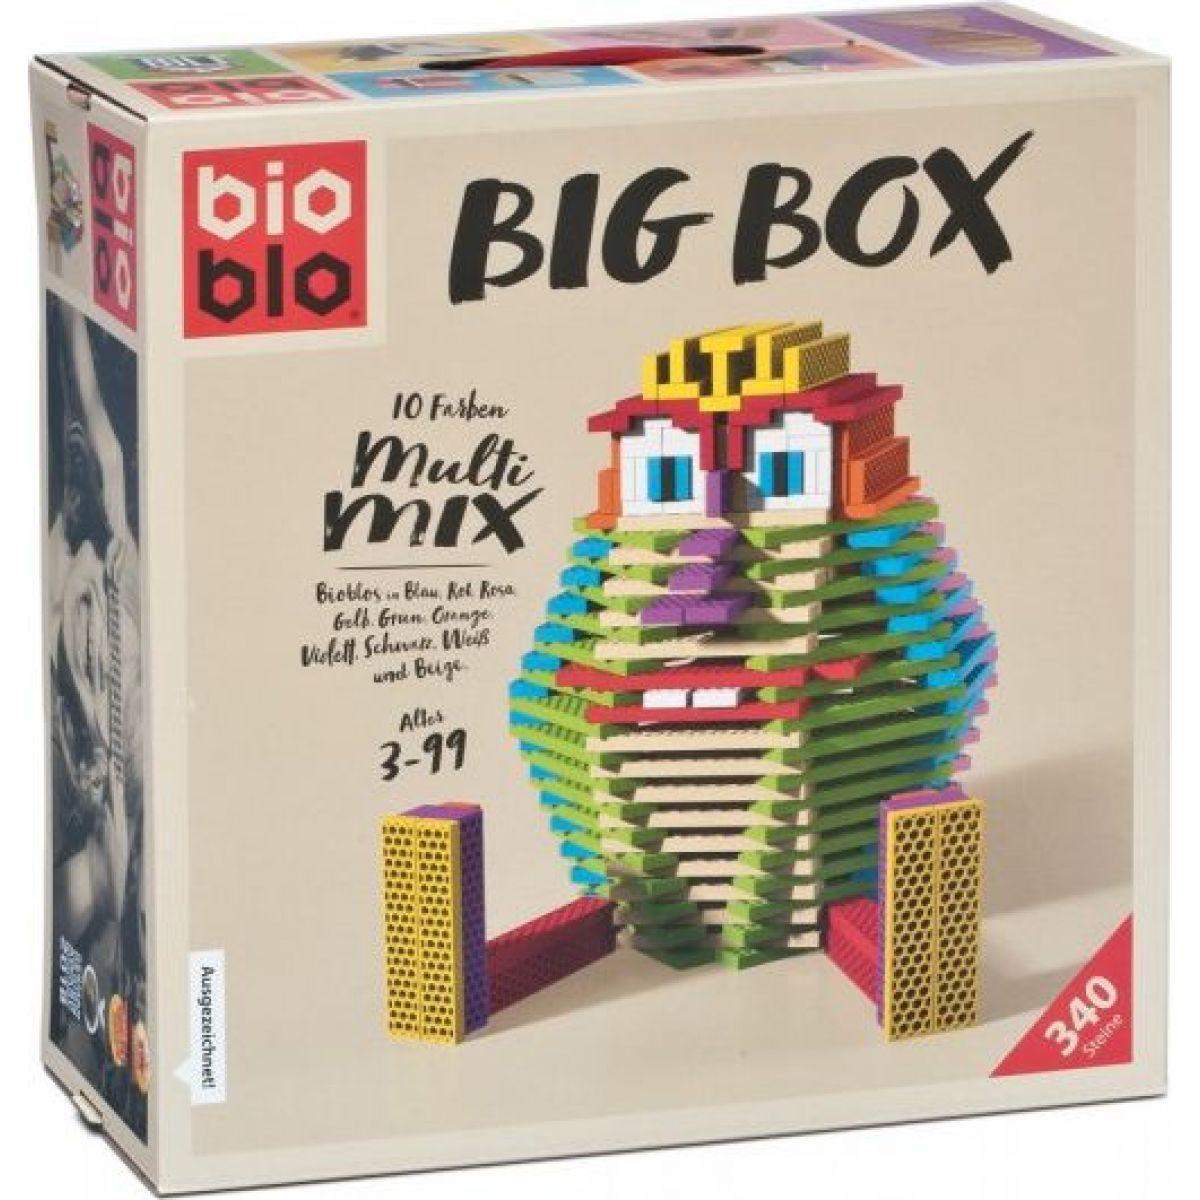 Bioblo Big Box 340 dílků - Poškozený obal